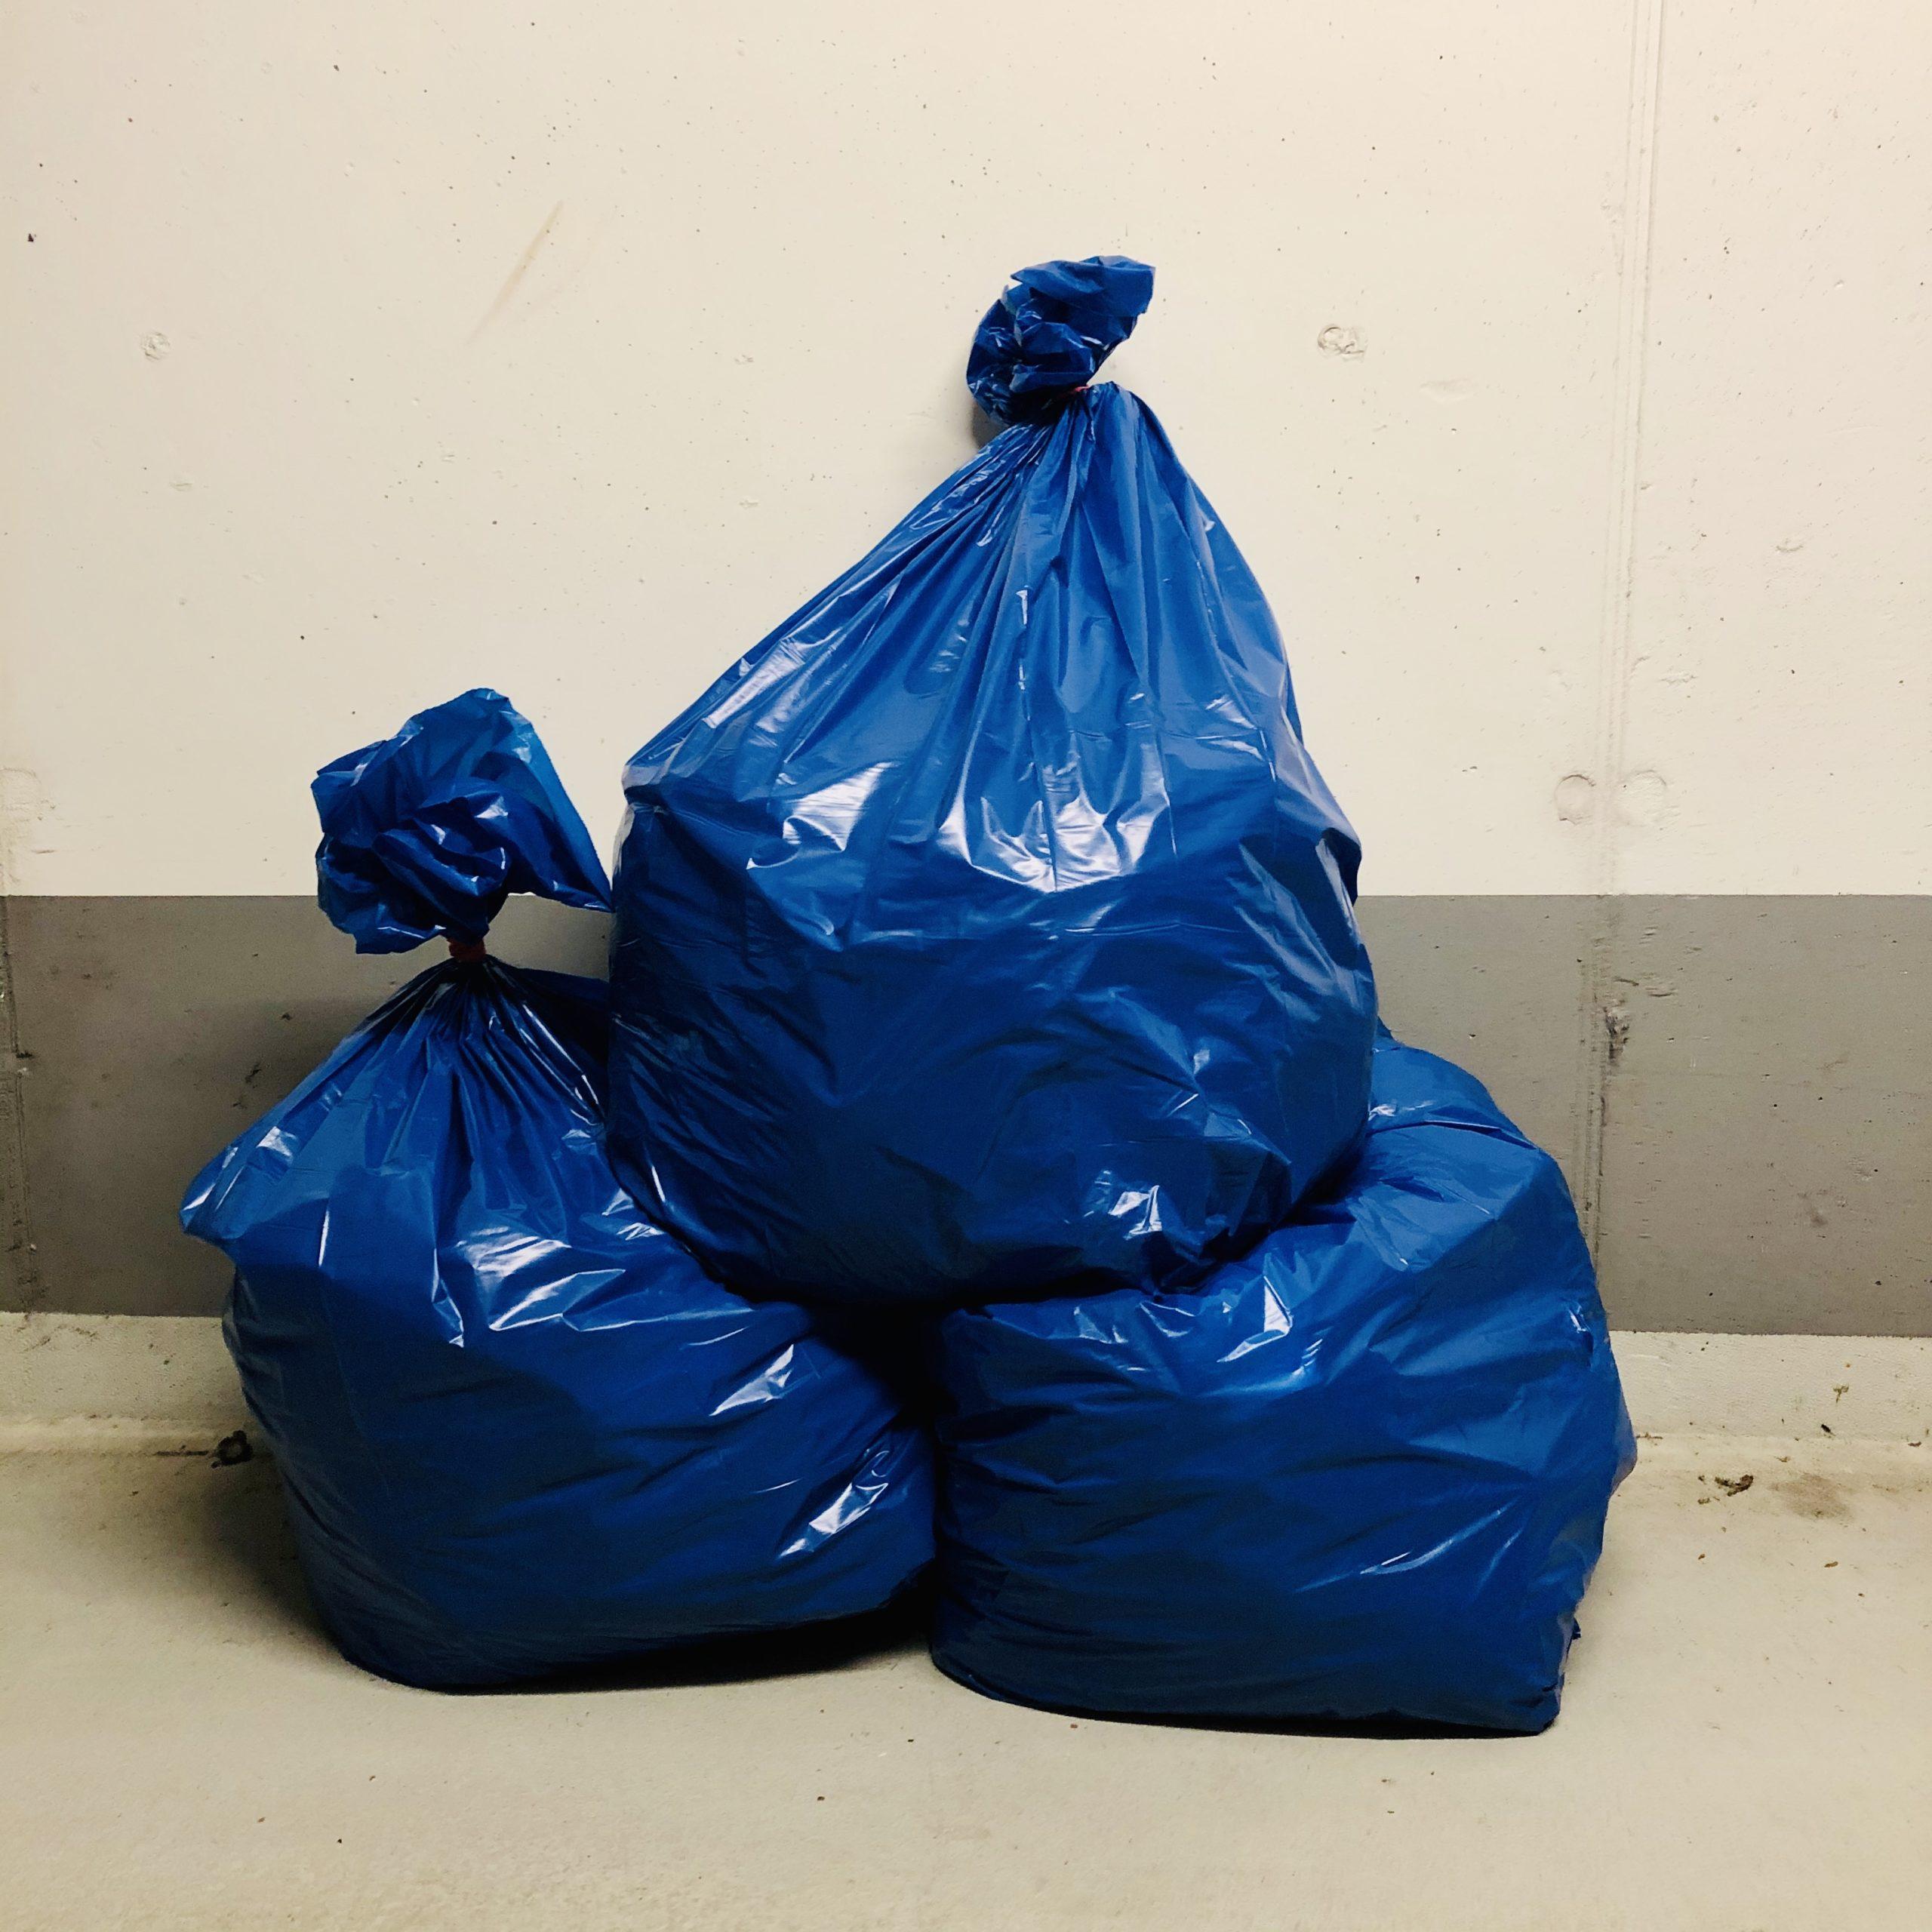 Ausmisten aufräumen wegwerfen entsorgen